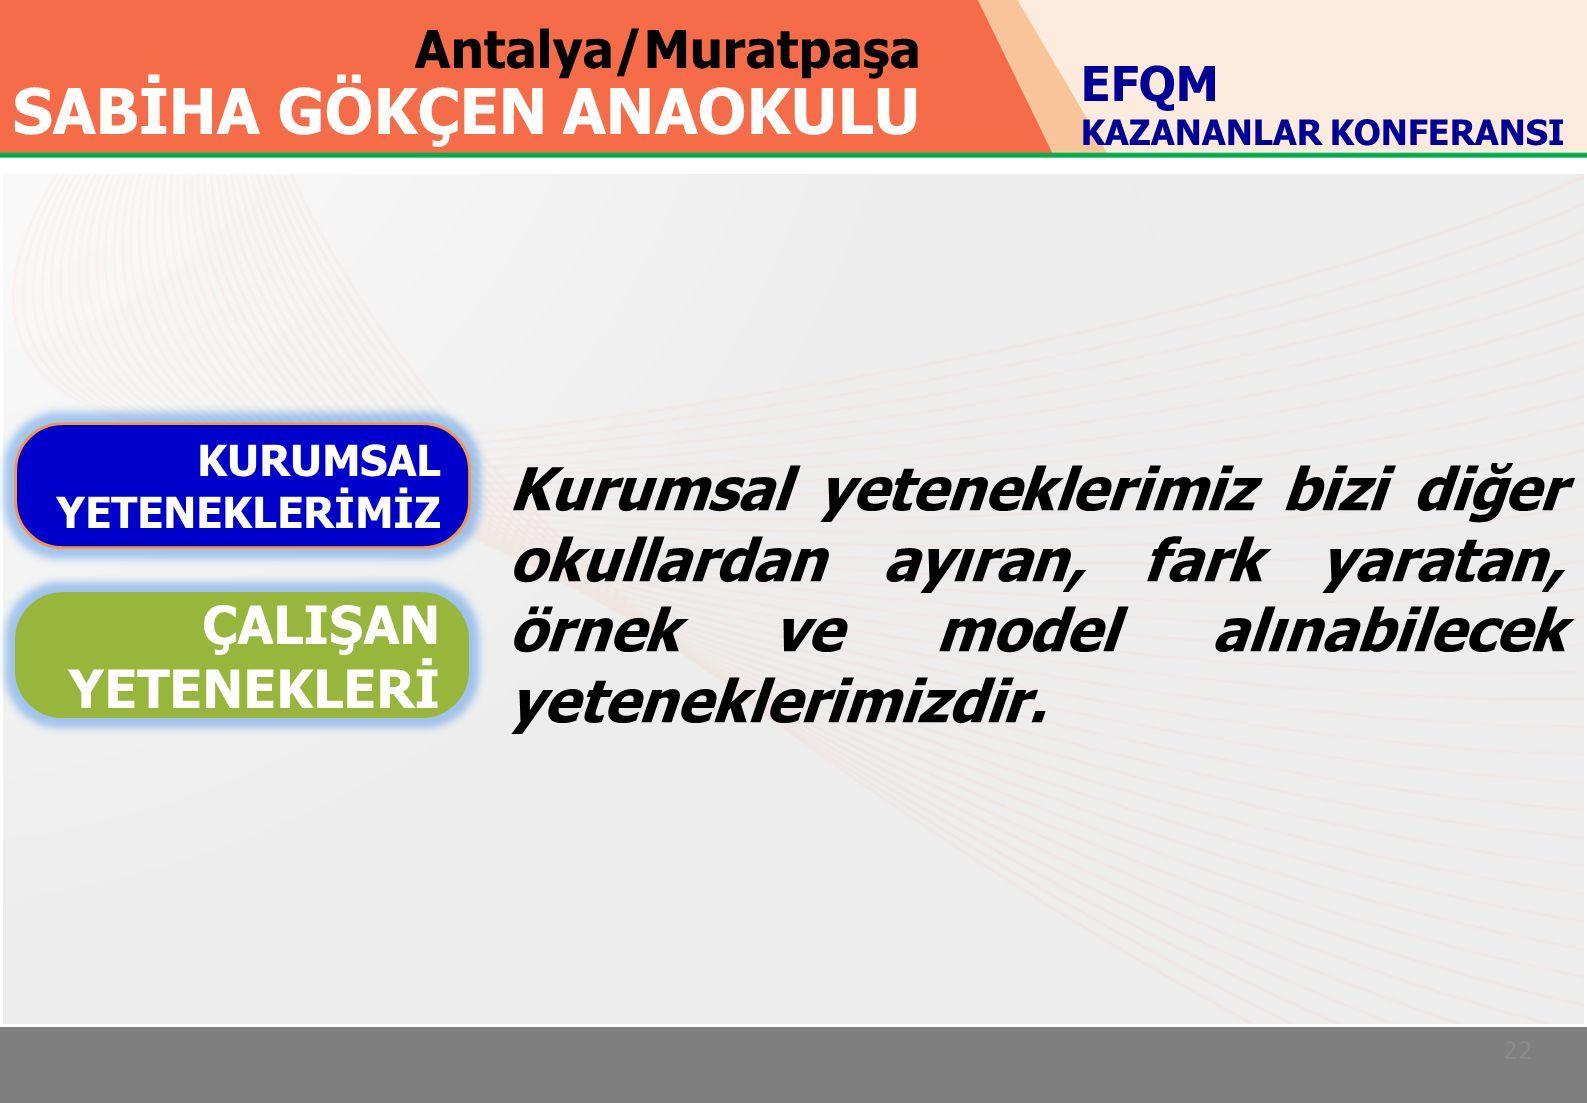 Antalya/Muratpaşa SABİHA GÖKÇEN ANAOKULU 22 KURUMSAL YETENEKLERİMİZ ÇALIŞAN YETENEKLERİ EFQM KAZANANLAR KONFERANSI Kurumsal yeteneklerimiz bizi diğer okullardan ayıran, fark yaratan, örnek ve model alınabilecek yeteneklerimizdir.